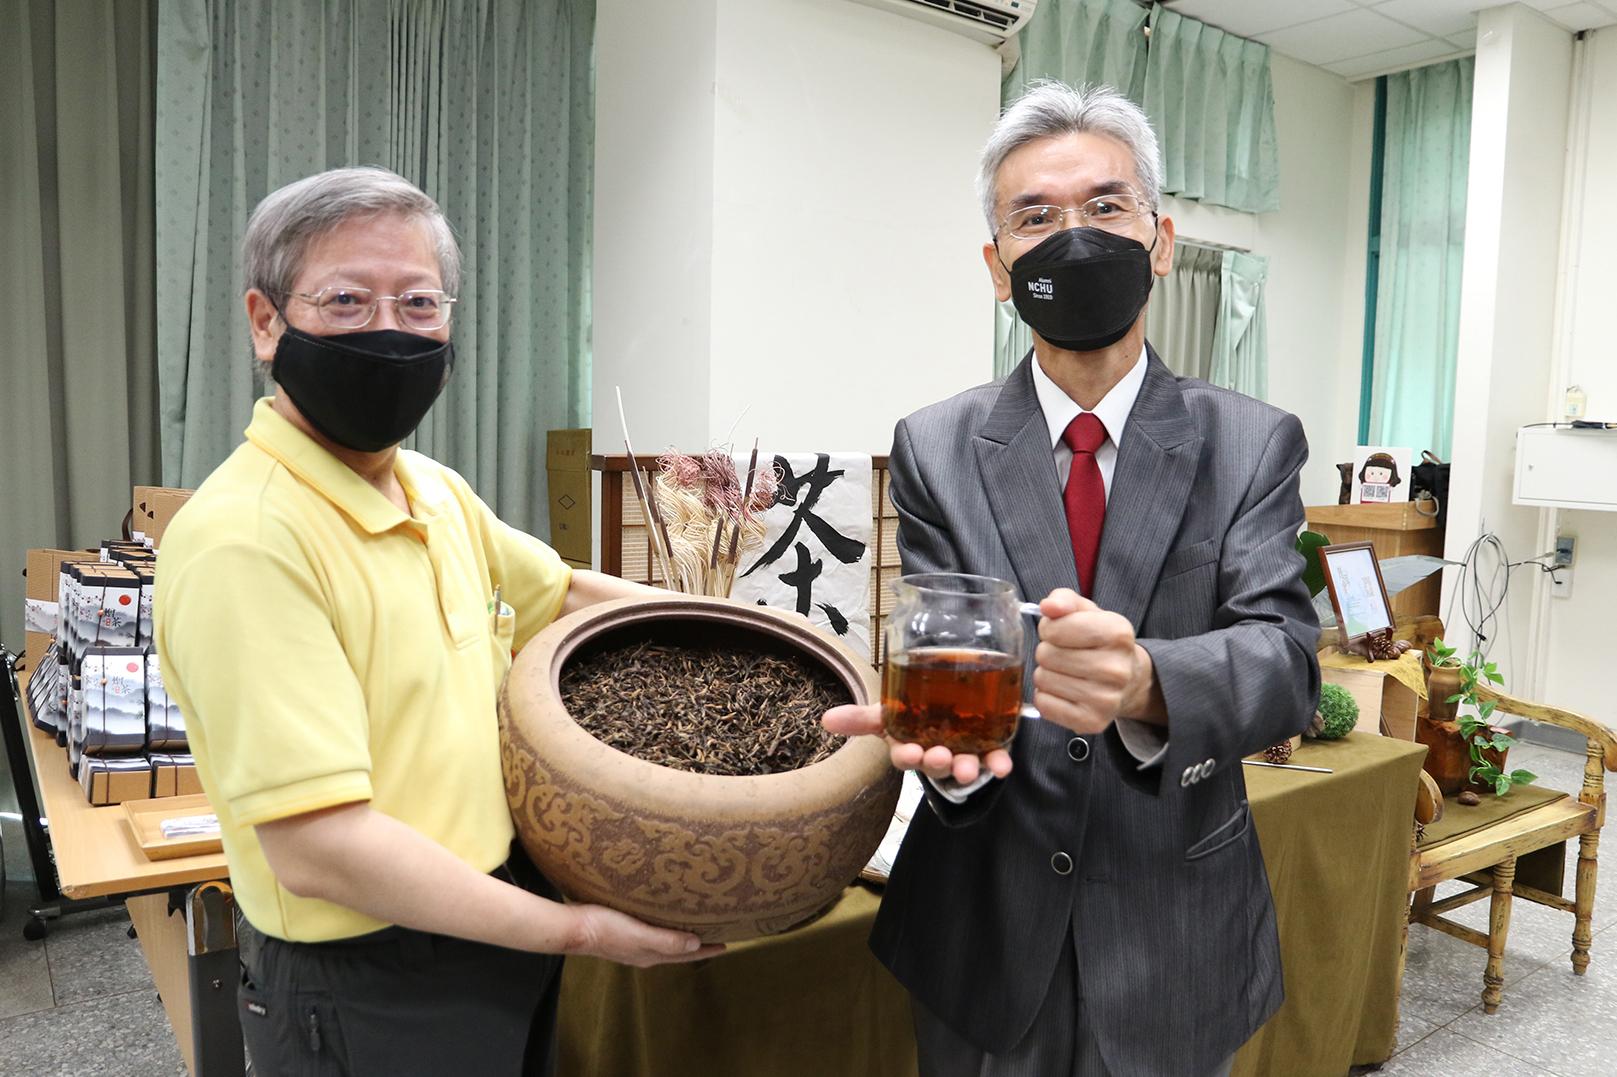 興大生物科技學研究所曾志正教授(左)實驗證實普洱茶具有防蛀牙的作用,成果將於10月刊登國際期刊,並與業者成功開發新品,興大校長薛富盛(右)出席發表會。